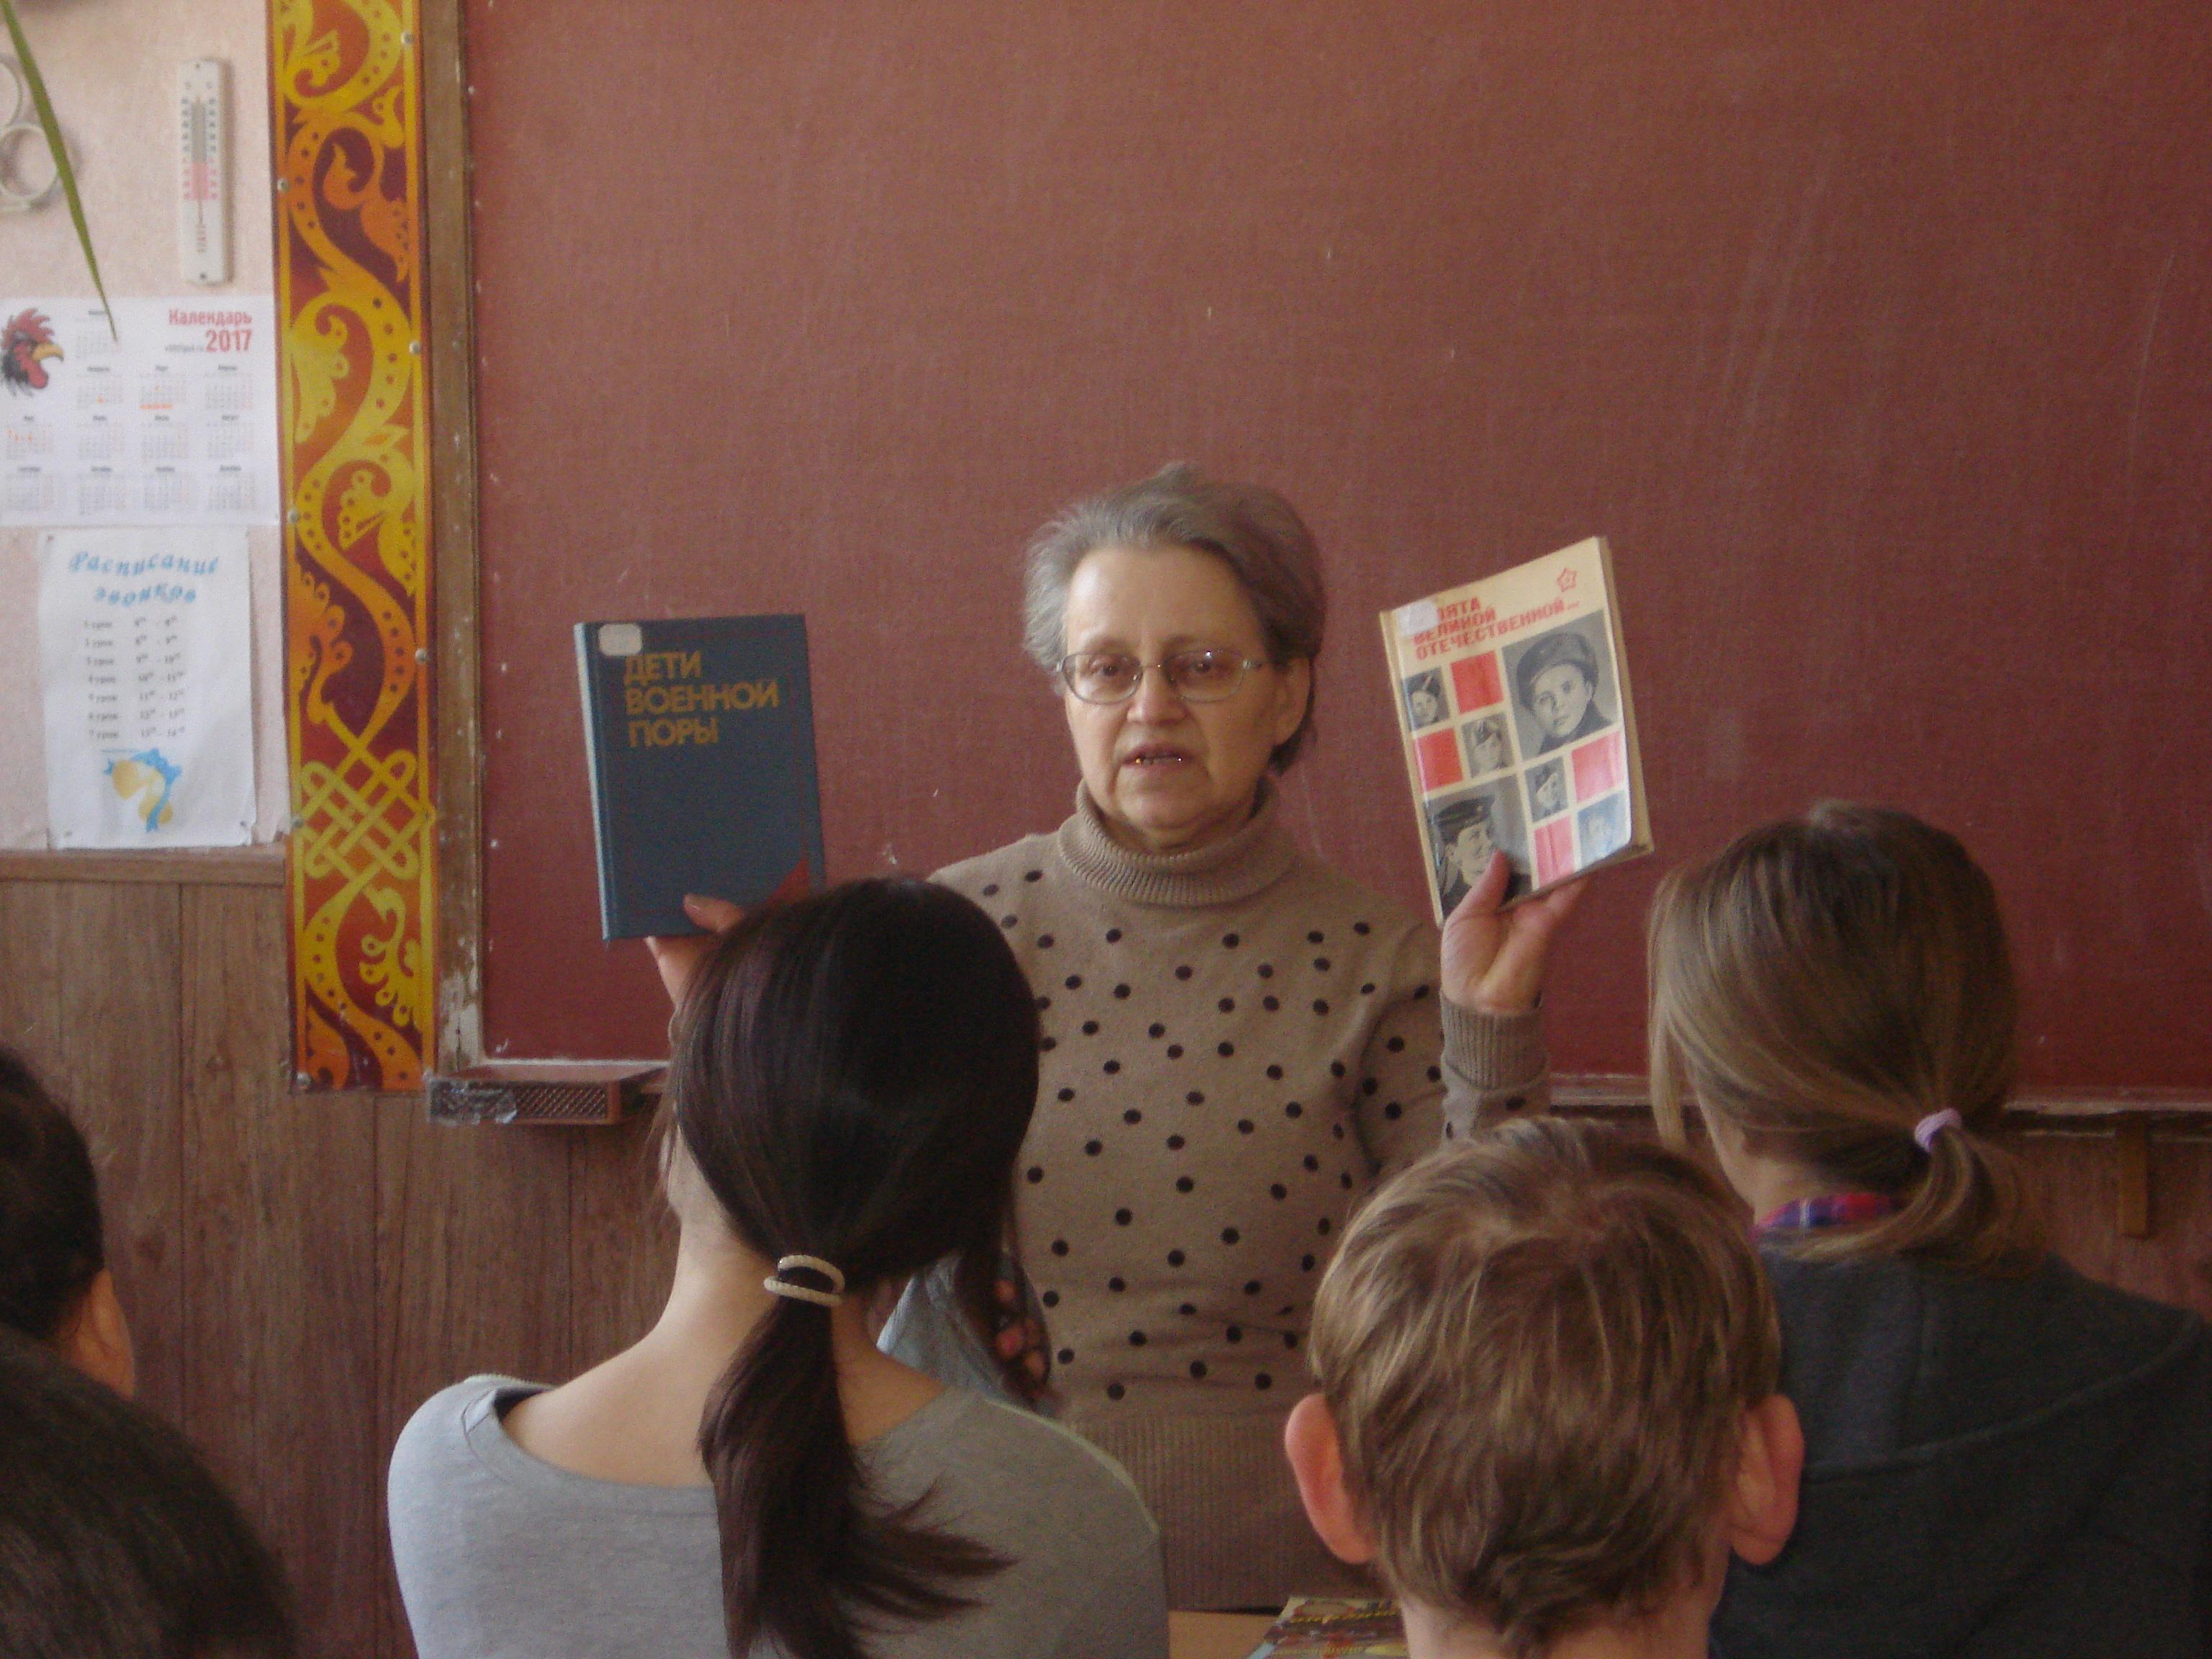 детям - героям войны, донецкая республиканская библиотека для детей, отдел обслуживания учащихся 5-9 классов, патриотическое воспитание детей, юные герои - антифашисты